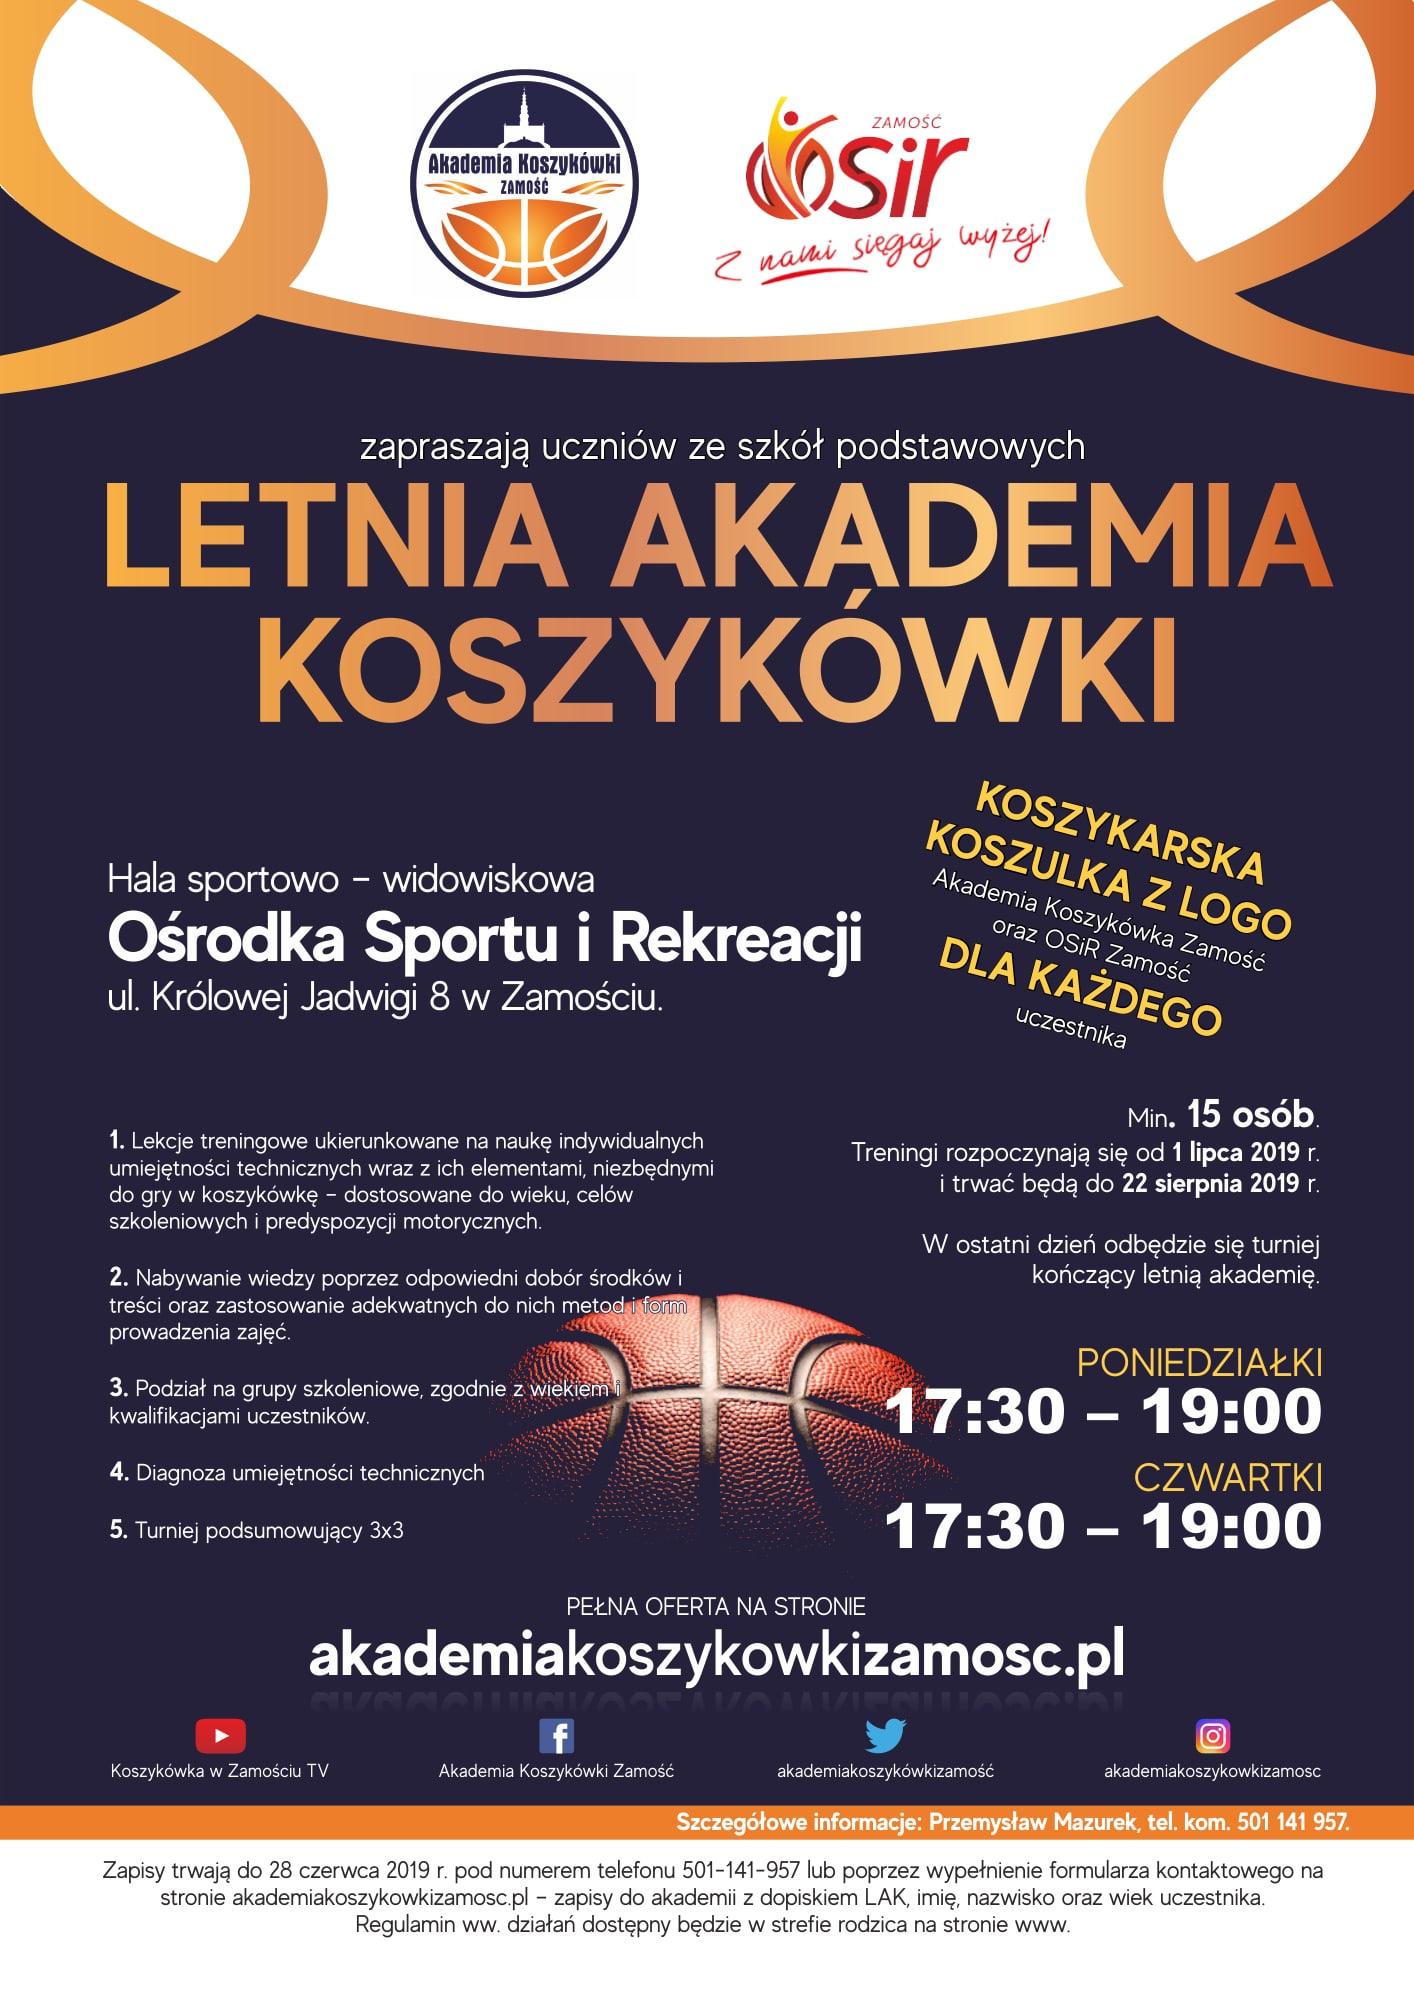 letnia akademia koszykowki Zamość: Letnia Akademia Koszykówki.